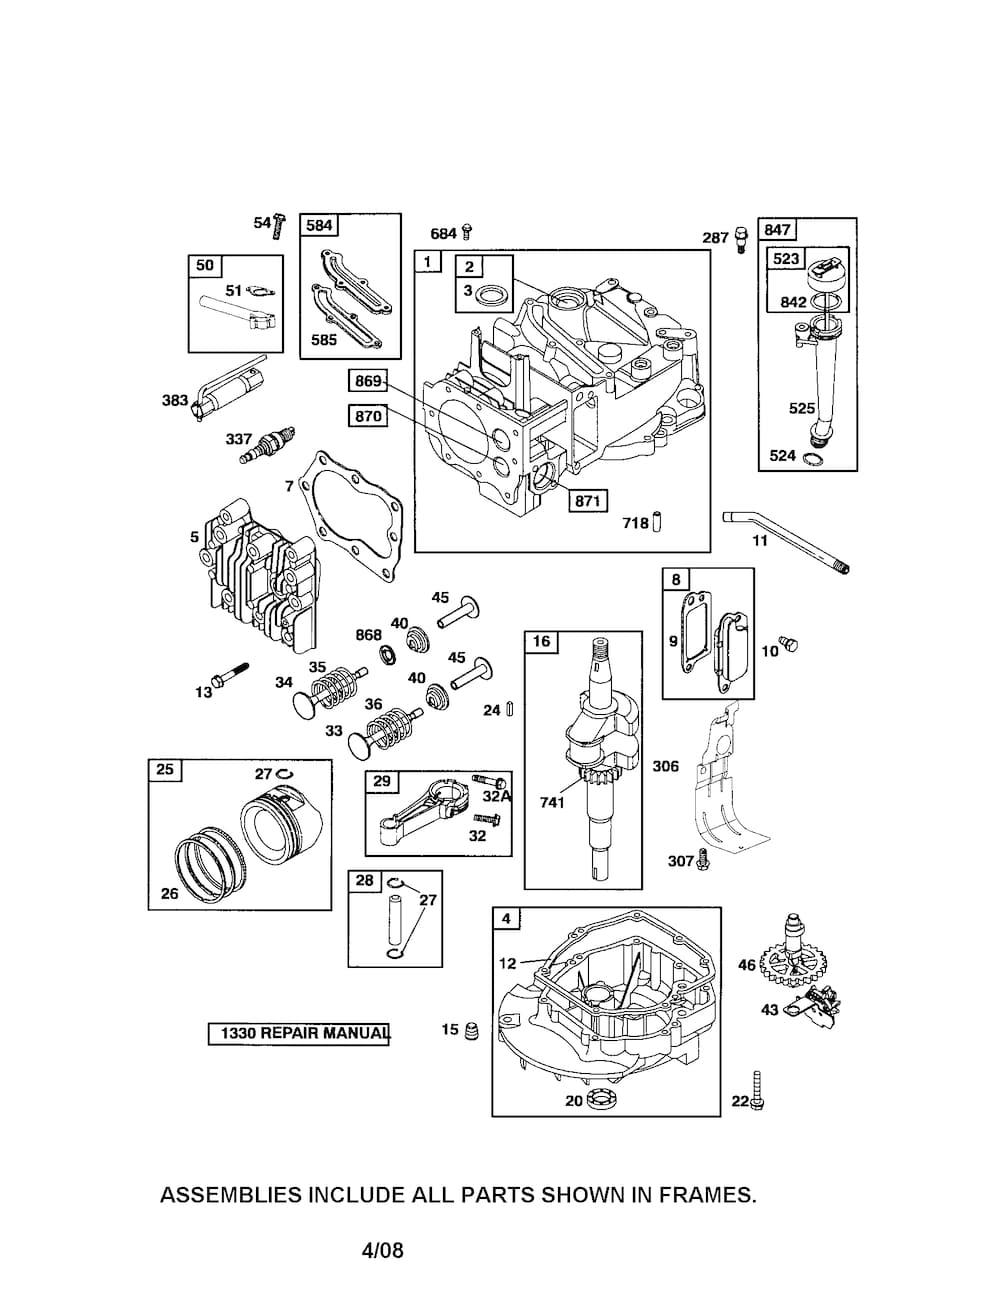 John Deere Js30 Owners Manual